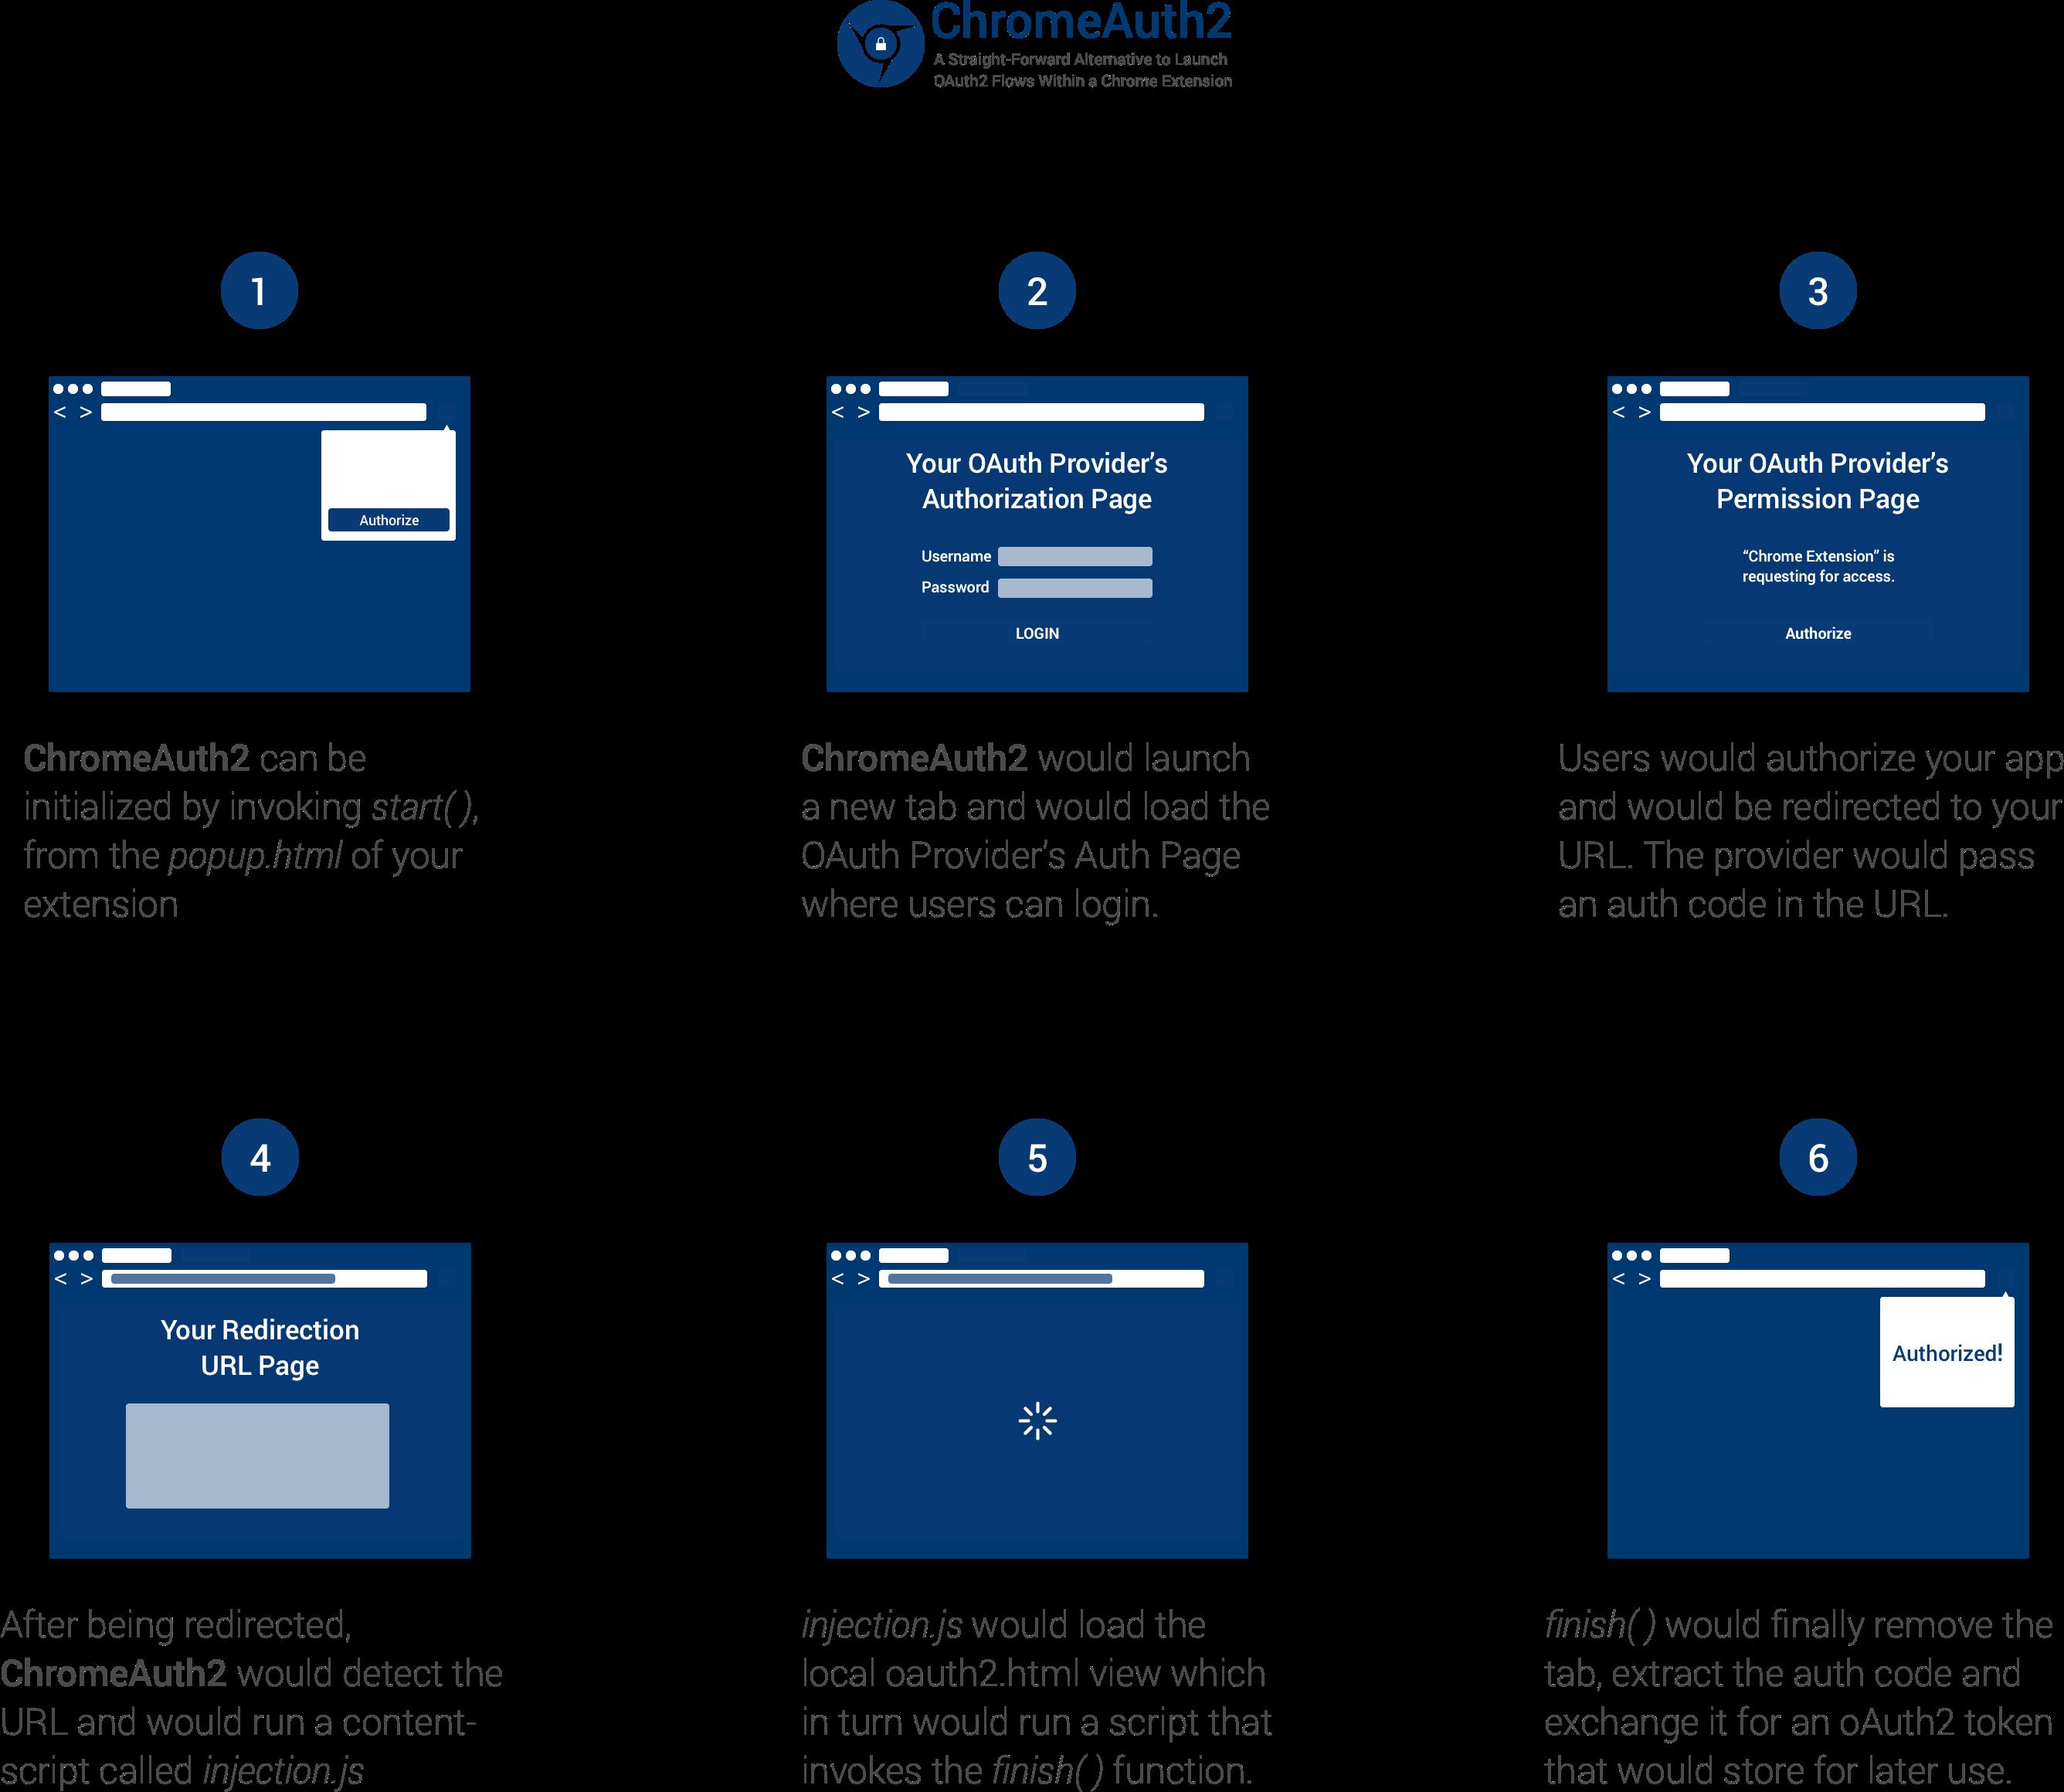 GitHub - whoisjuan/ChromeAuth2: ChromeAuth2 is a Chrome